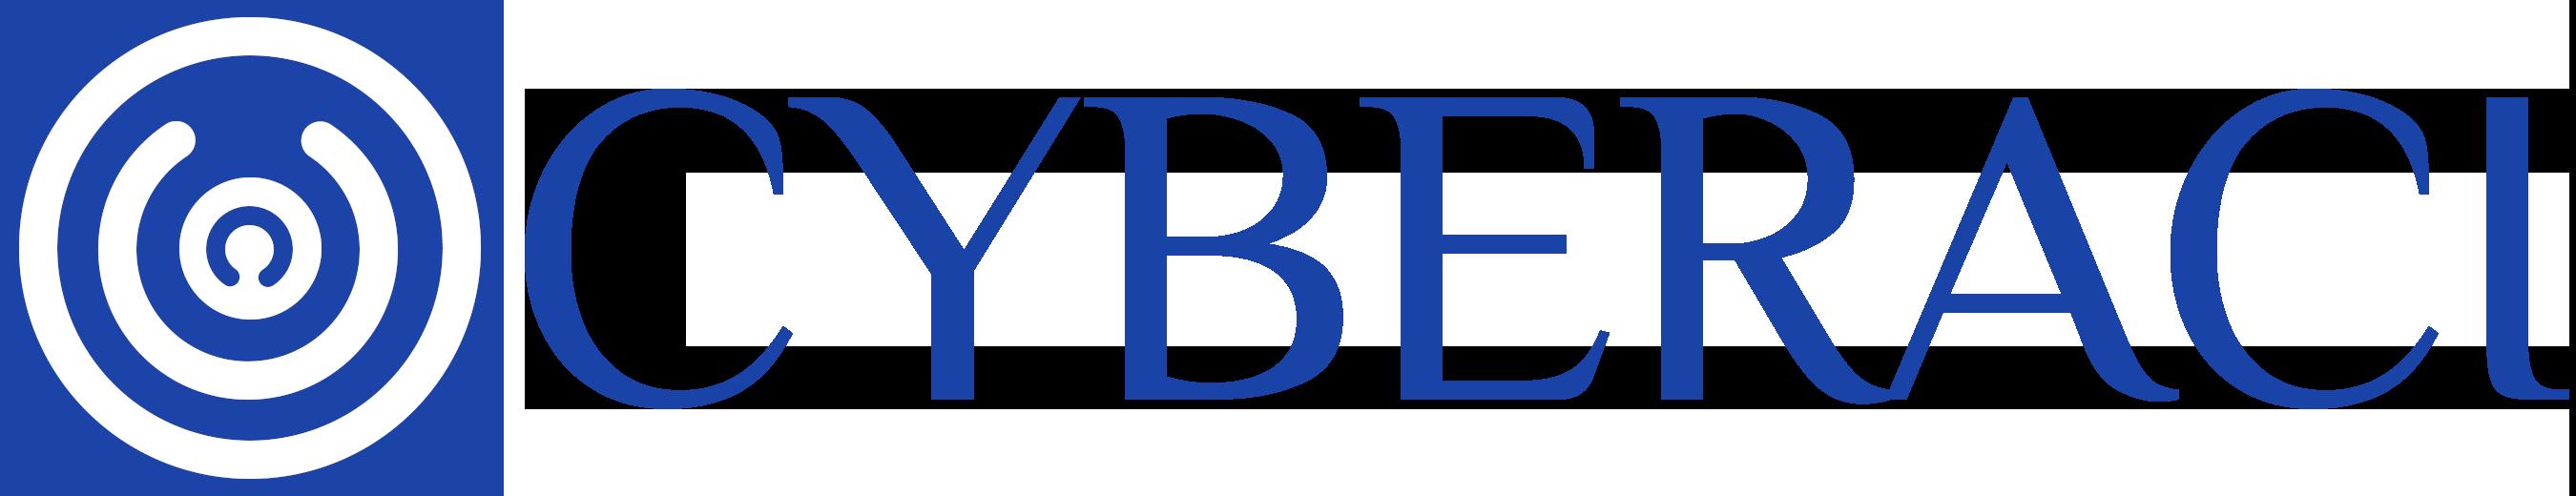 CYBERACI